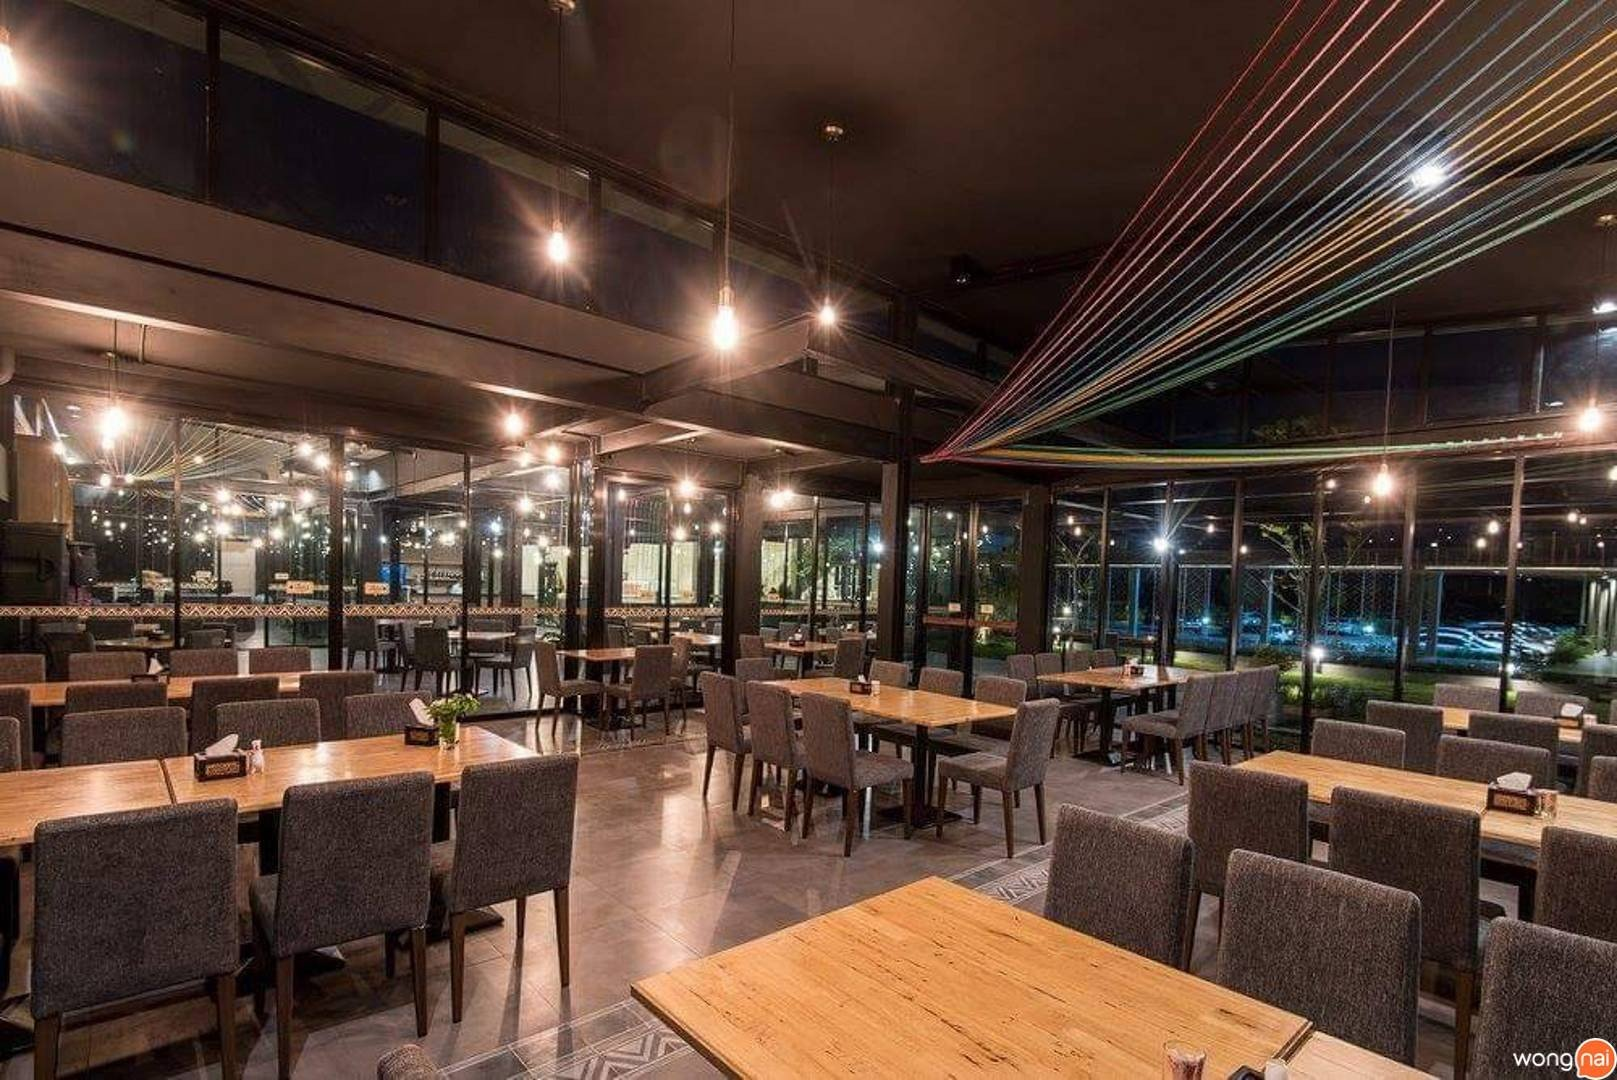 [รีวิว] ครัวทอข้าว ร้านอาหารราชบุรี ฟินอาหารไทย-จีน ไร้ผงชูรส